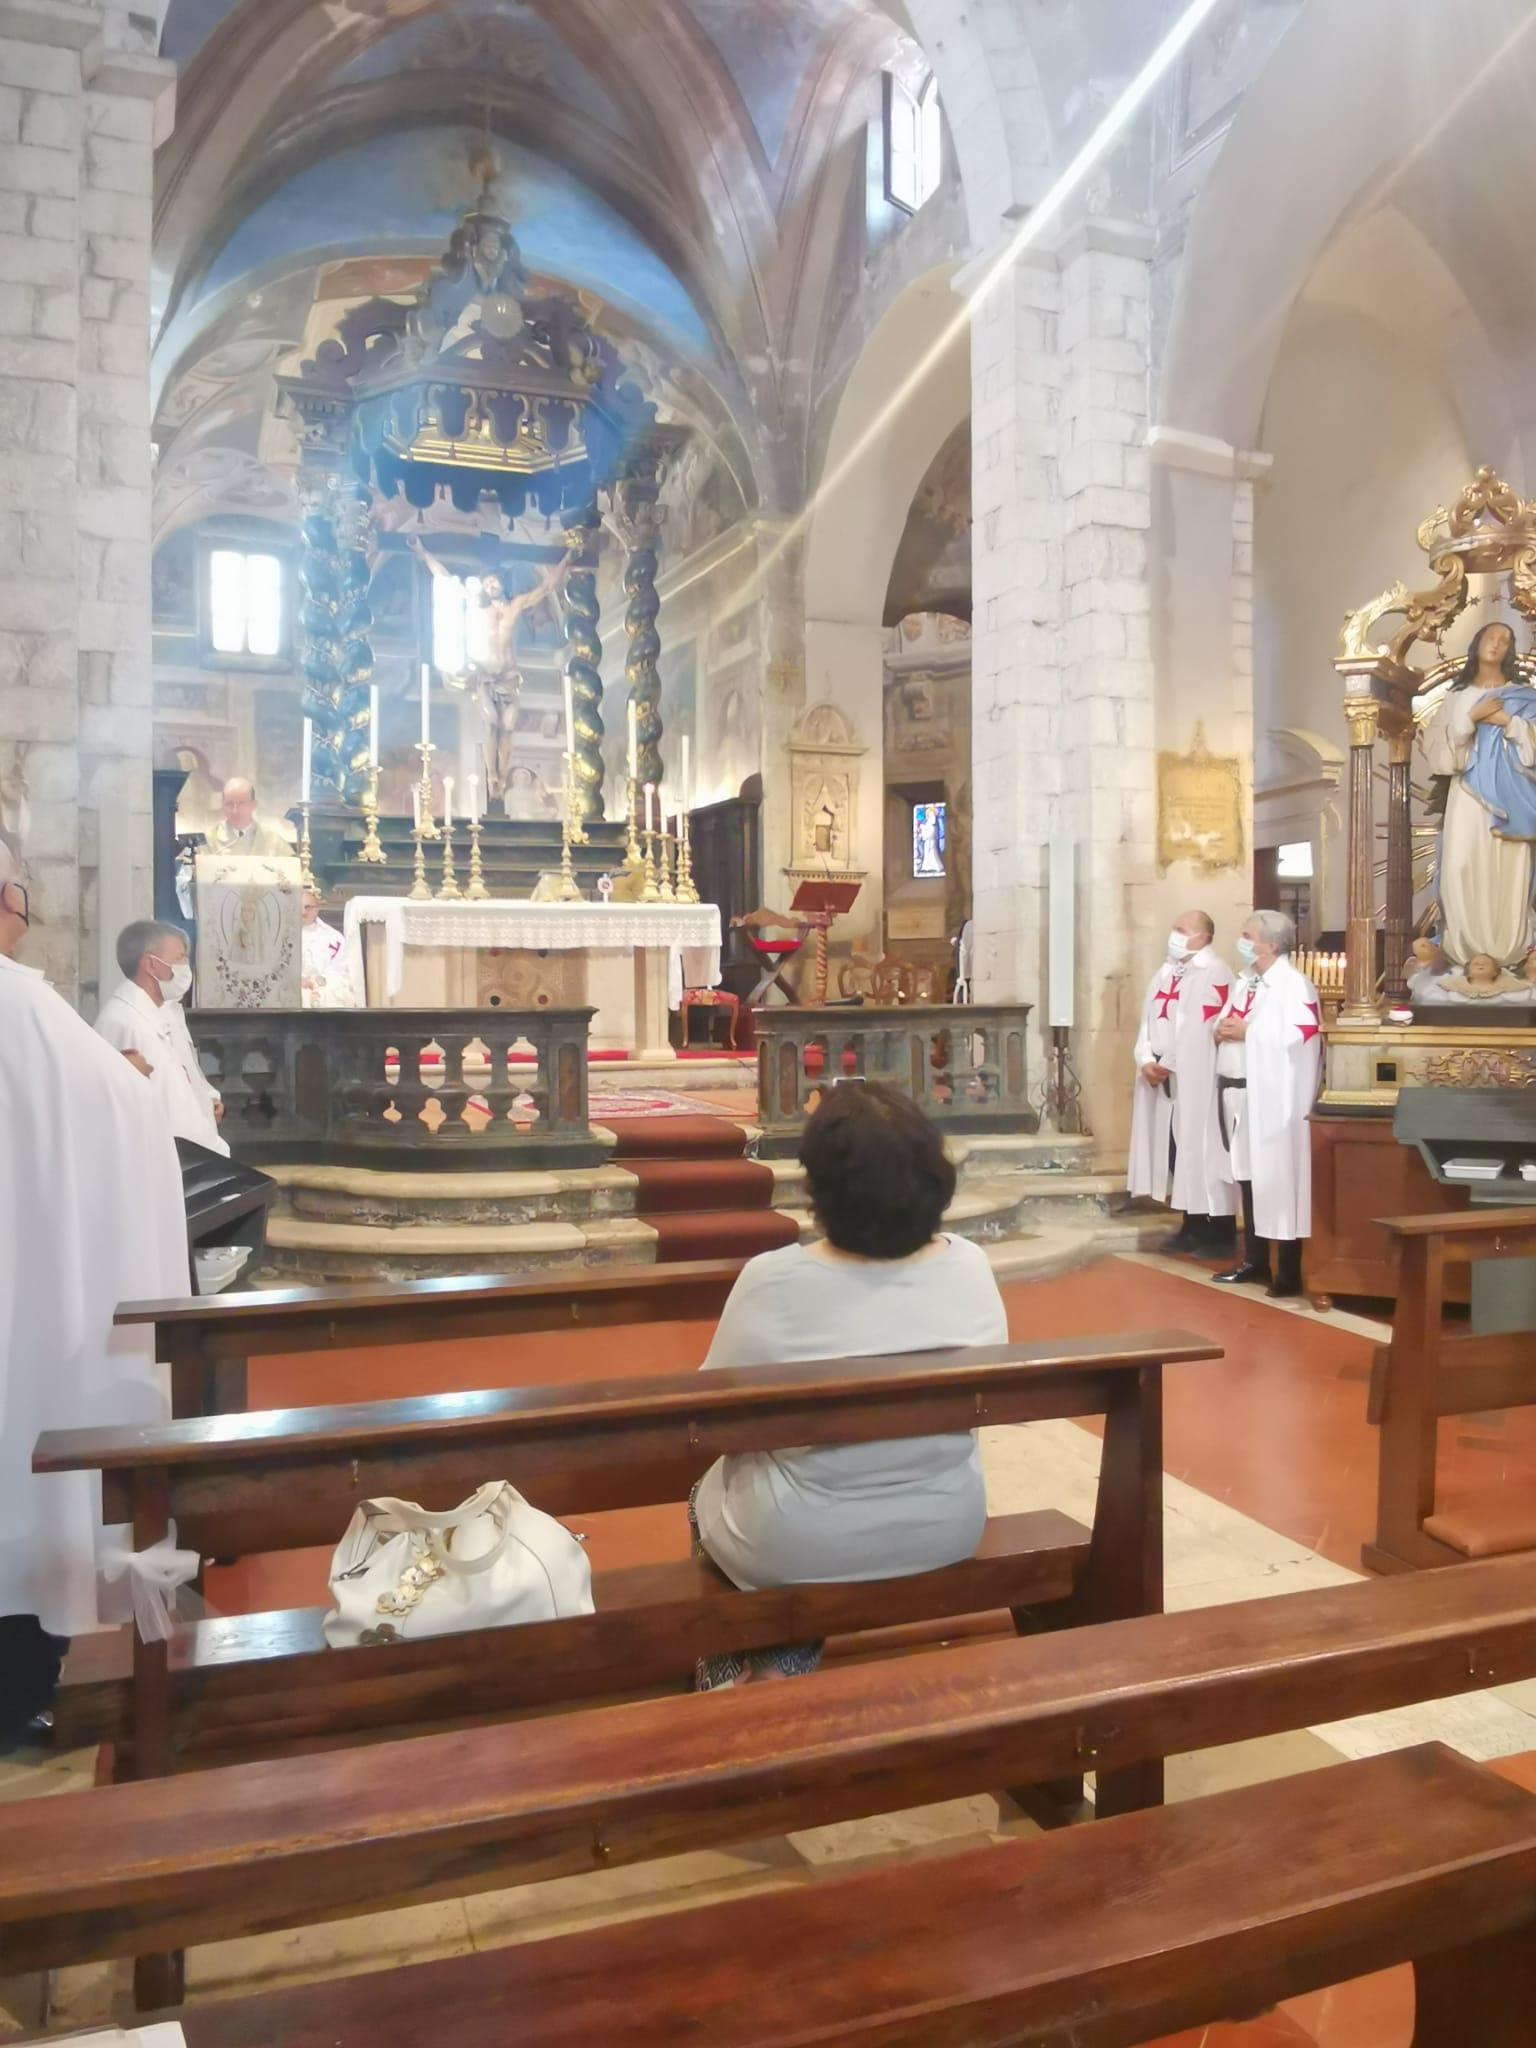 Solennità della Madonna della Vittoria.Santa Messa e Processione per le vie di Sermoneta e Recita del Santo Rosario